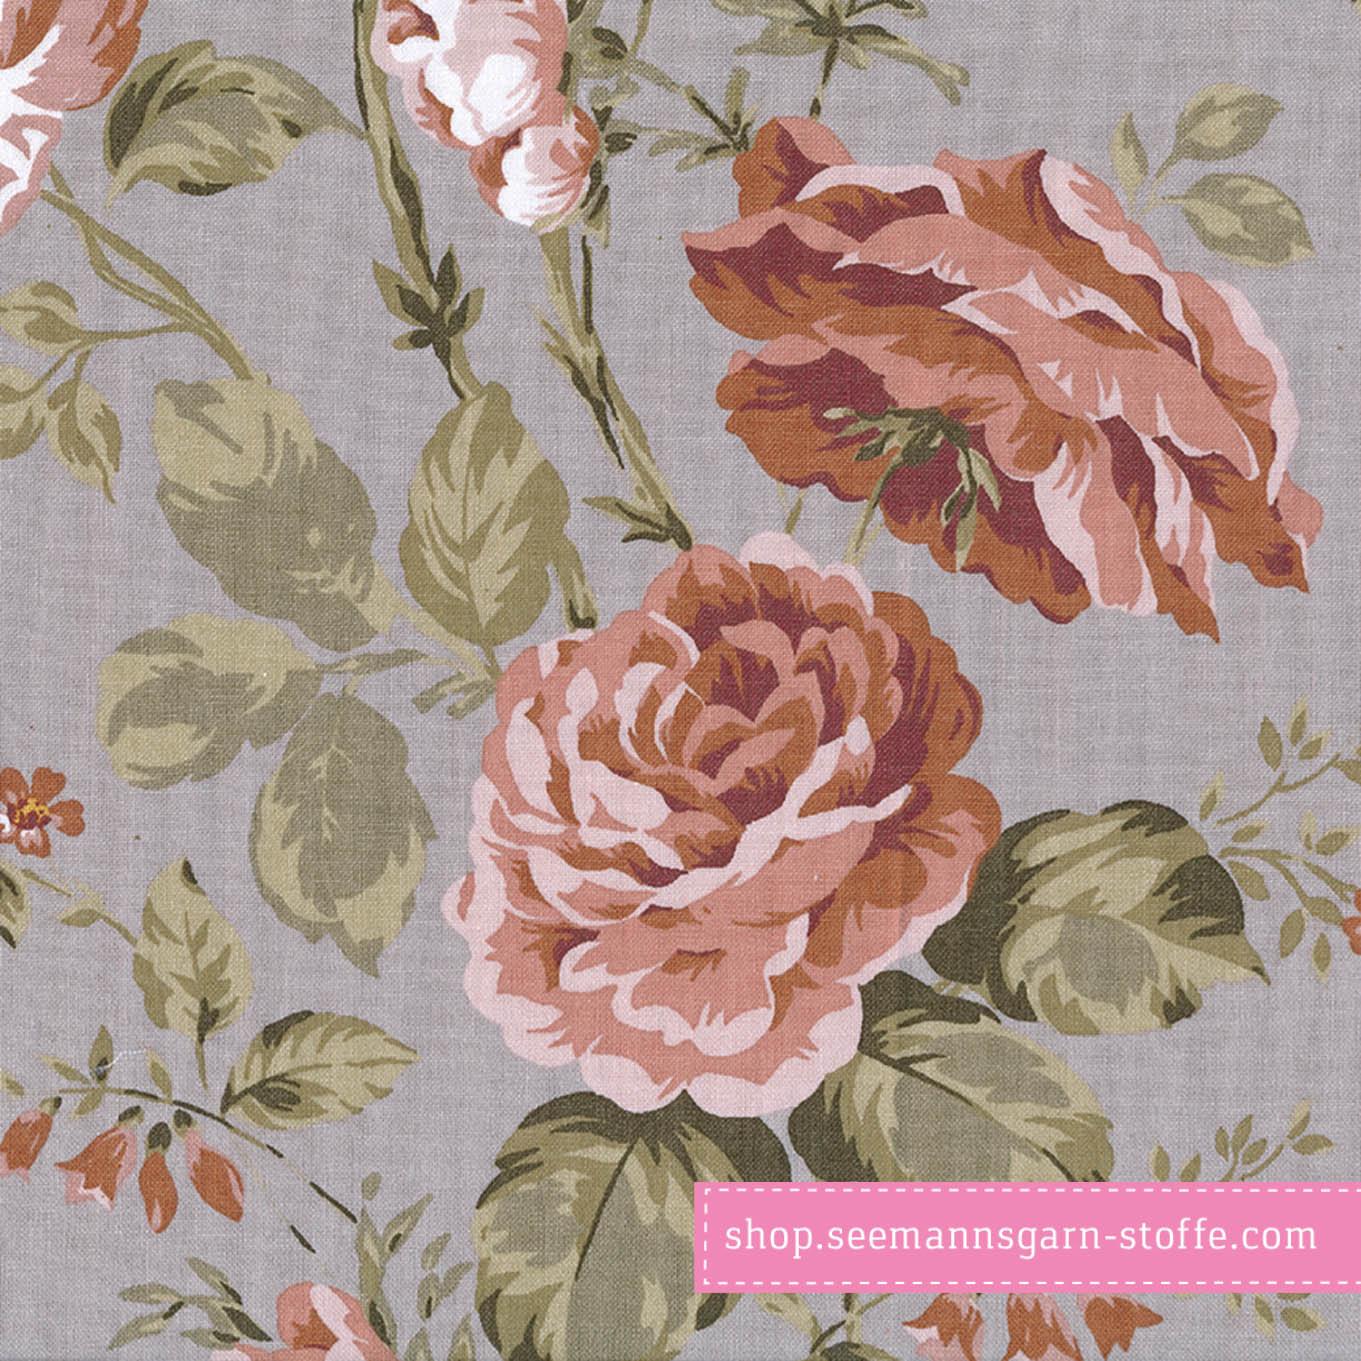 Wachstuch - Oilcloth Sophia Grey